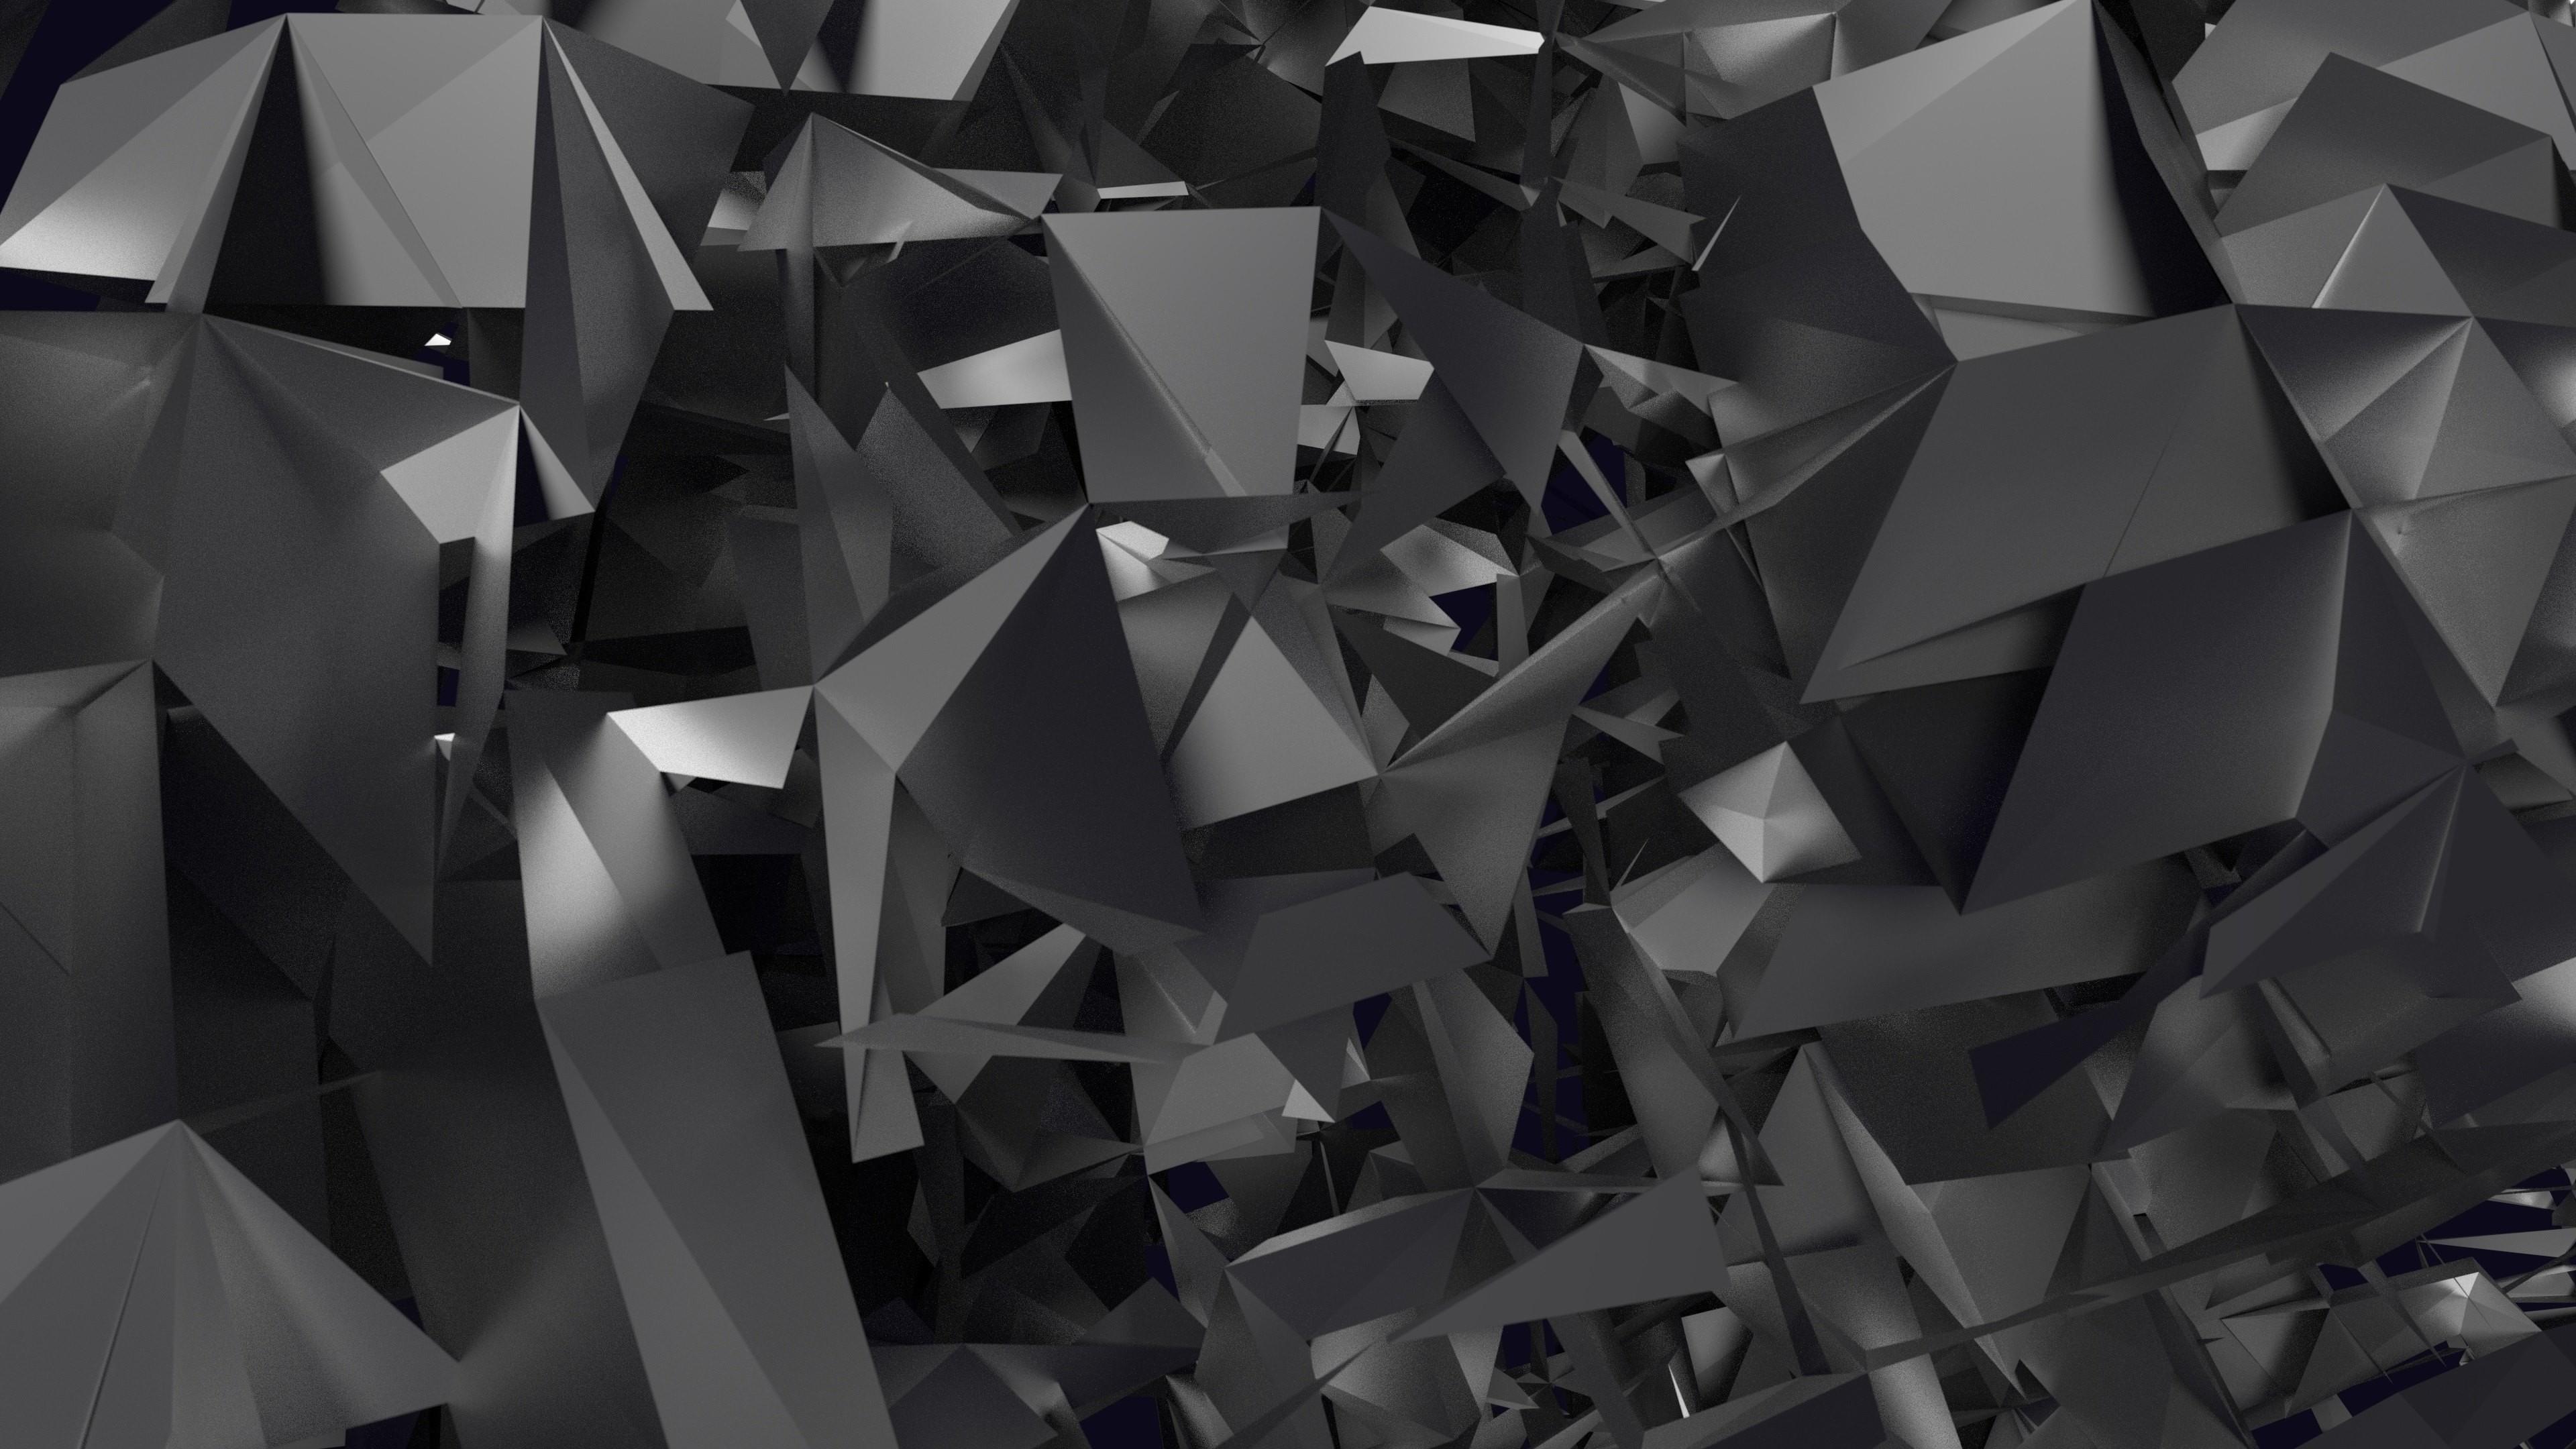 4k-Abstract-Wallpaper-Widescreen-HD